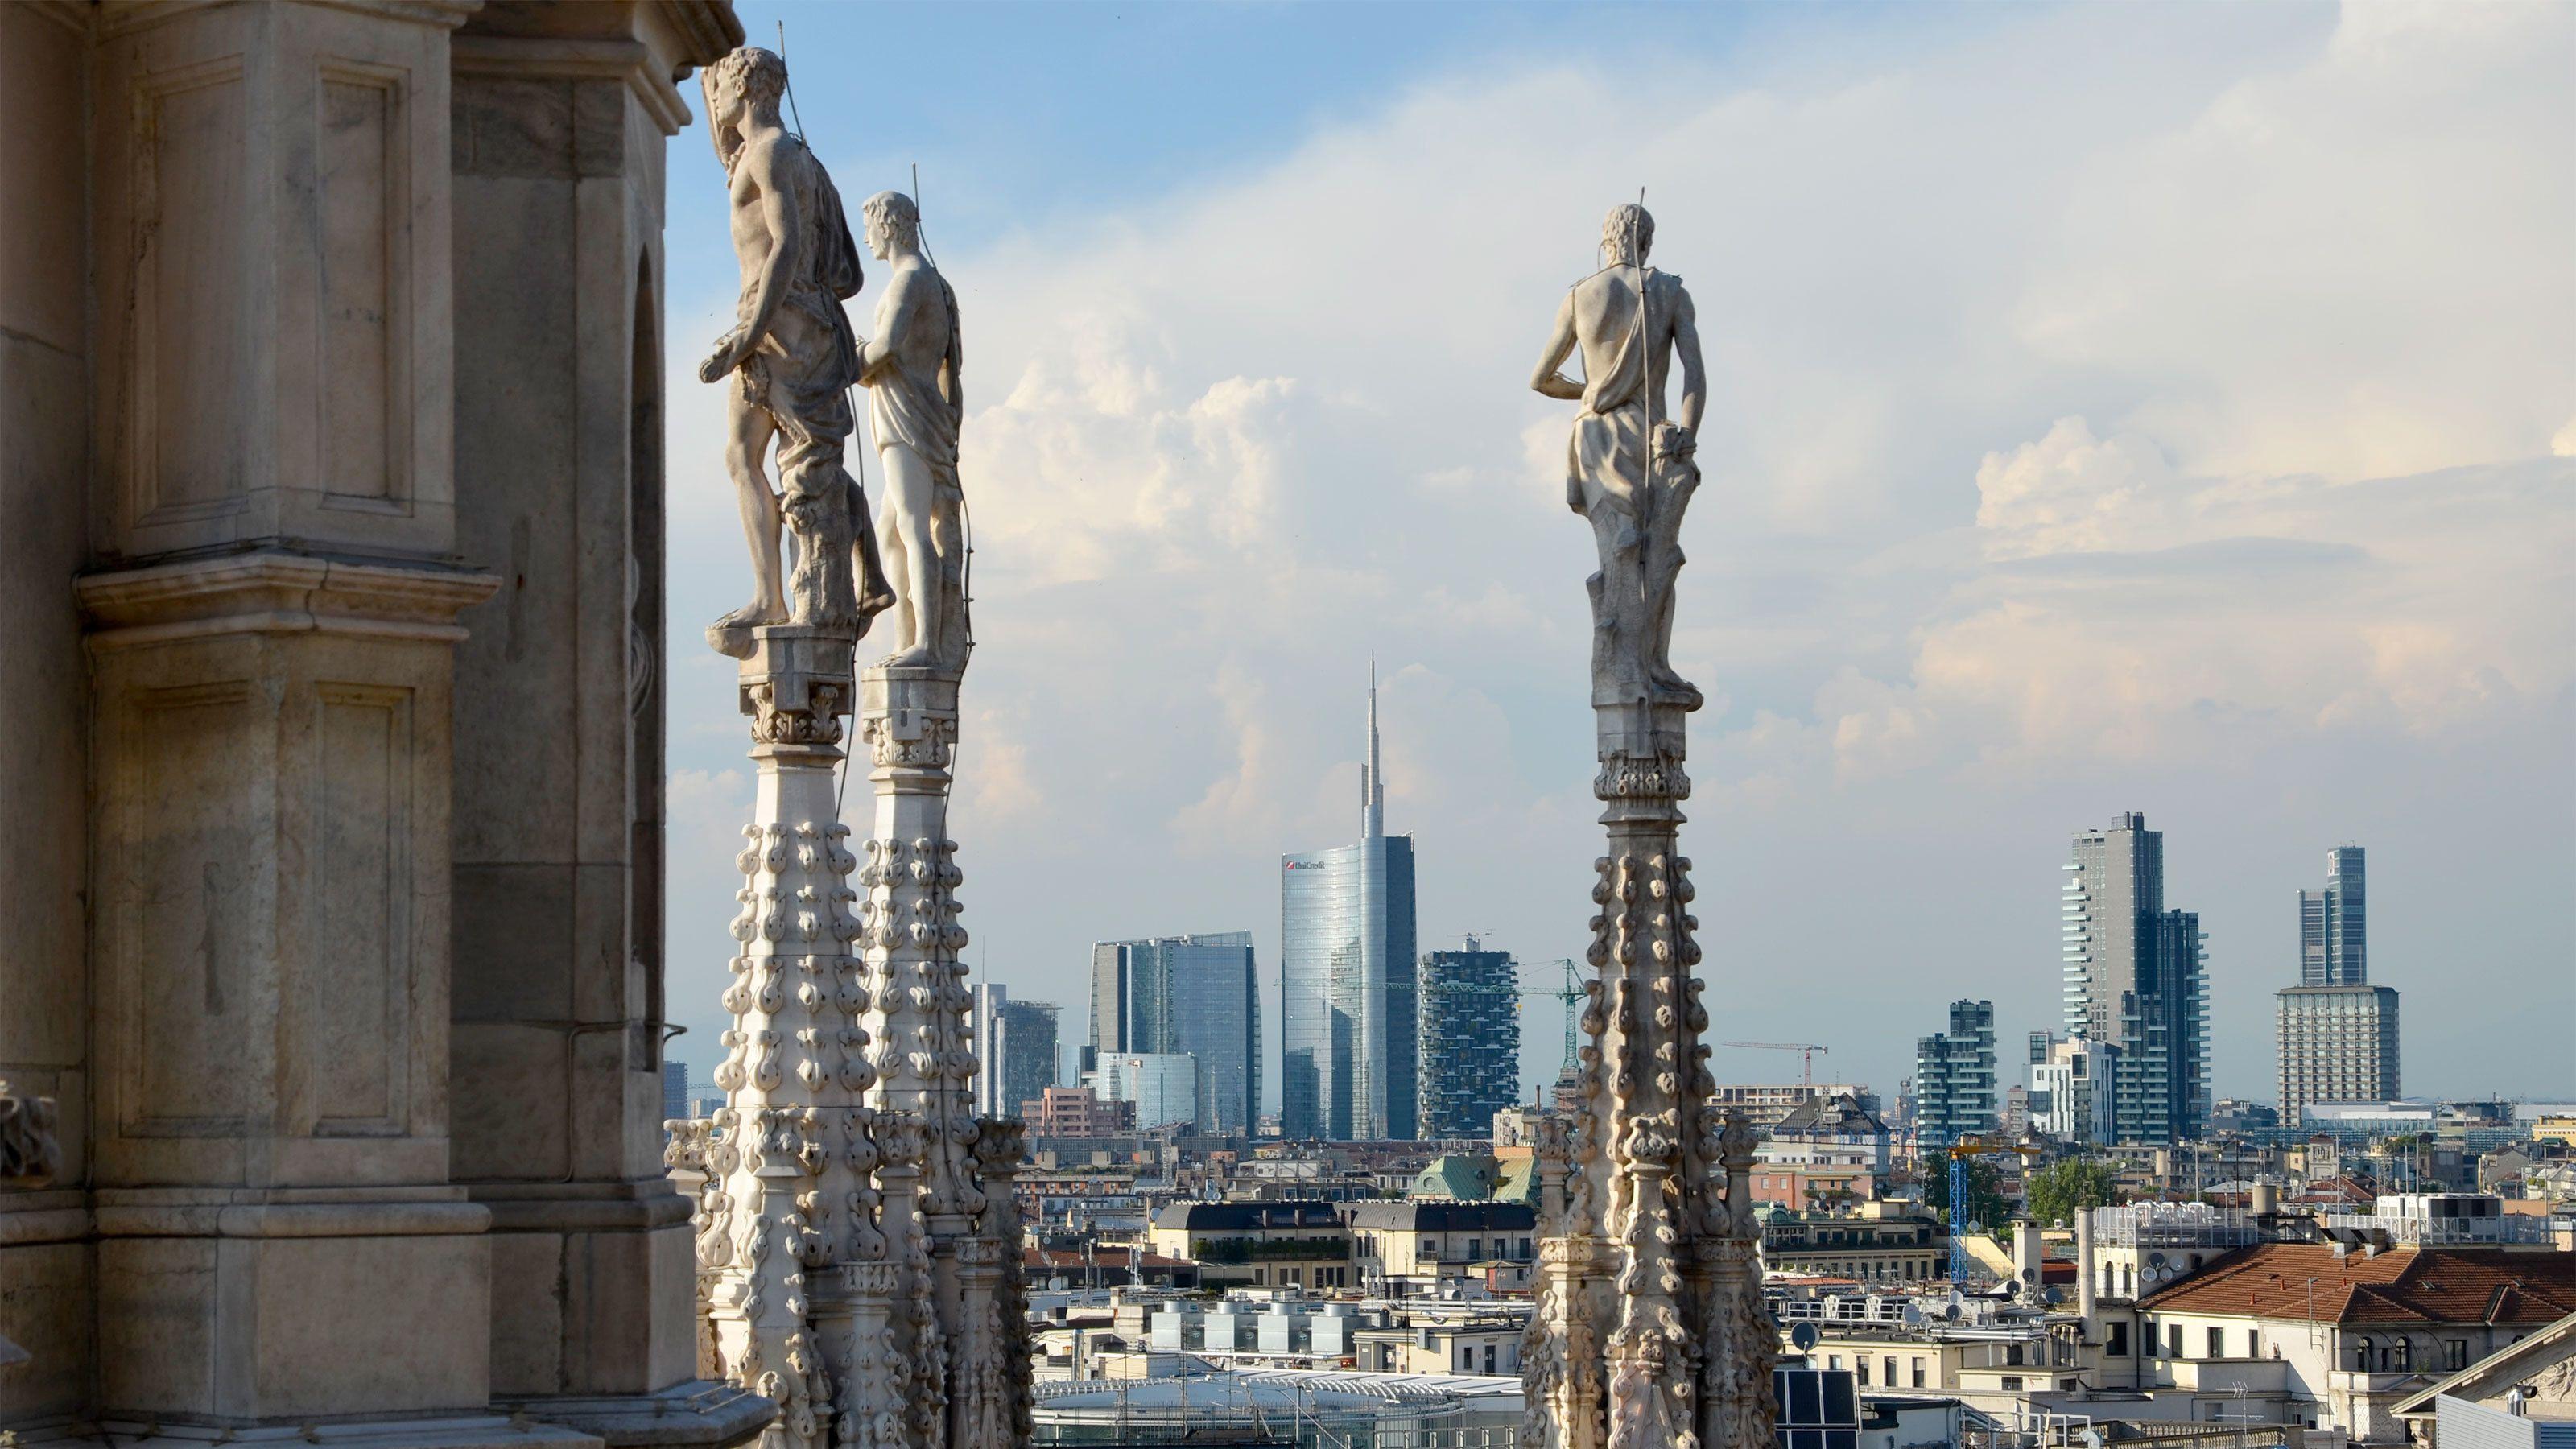 Rondleiding over het dakterras van de Duomo